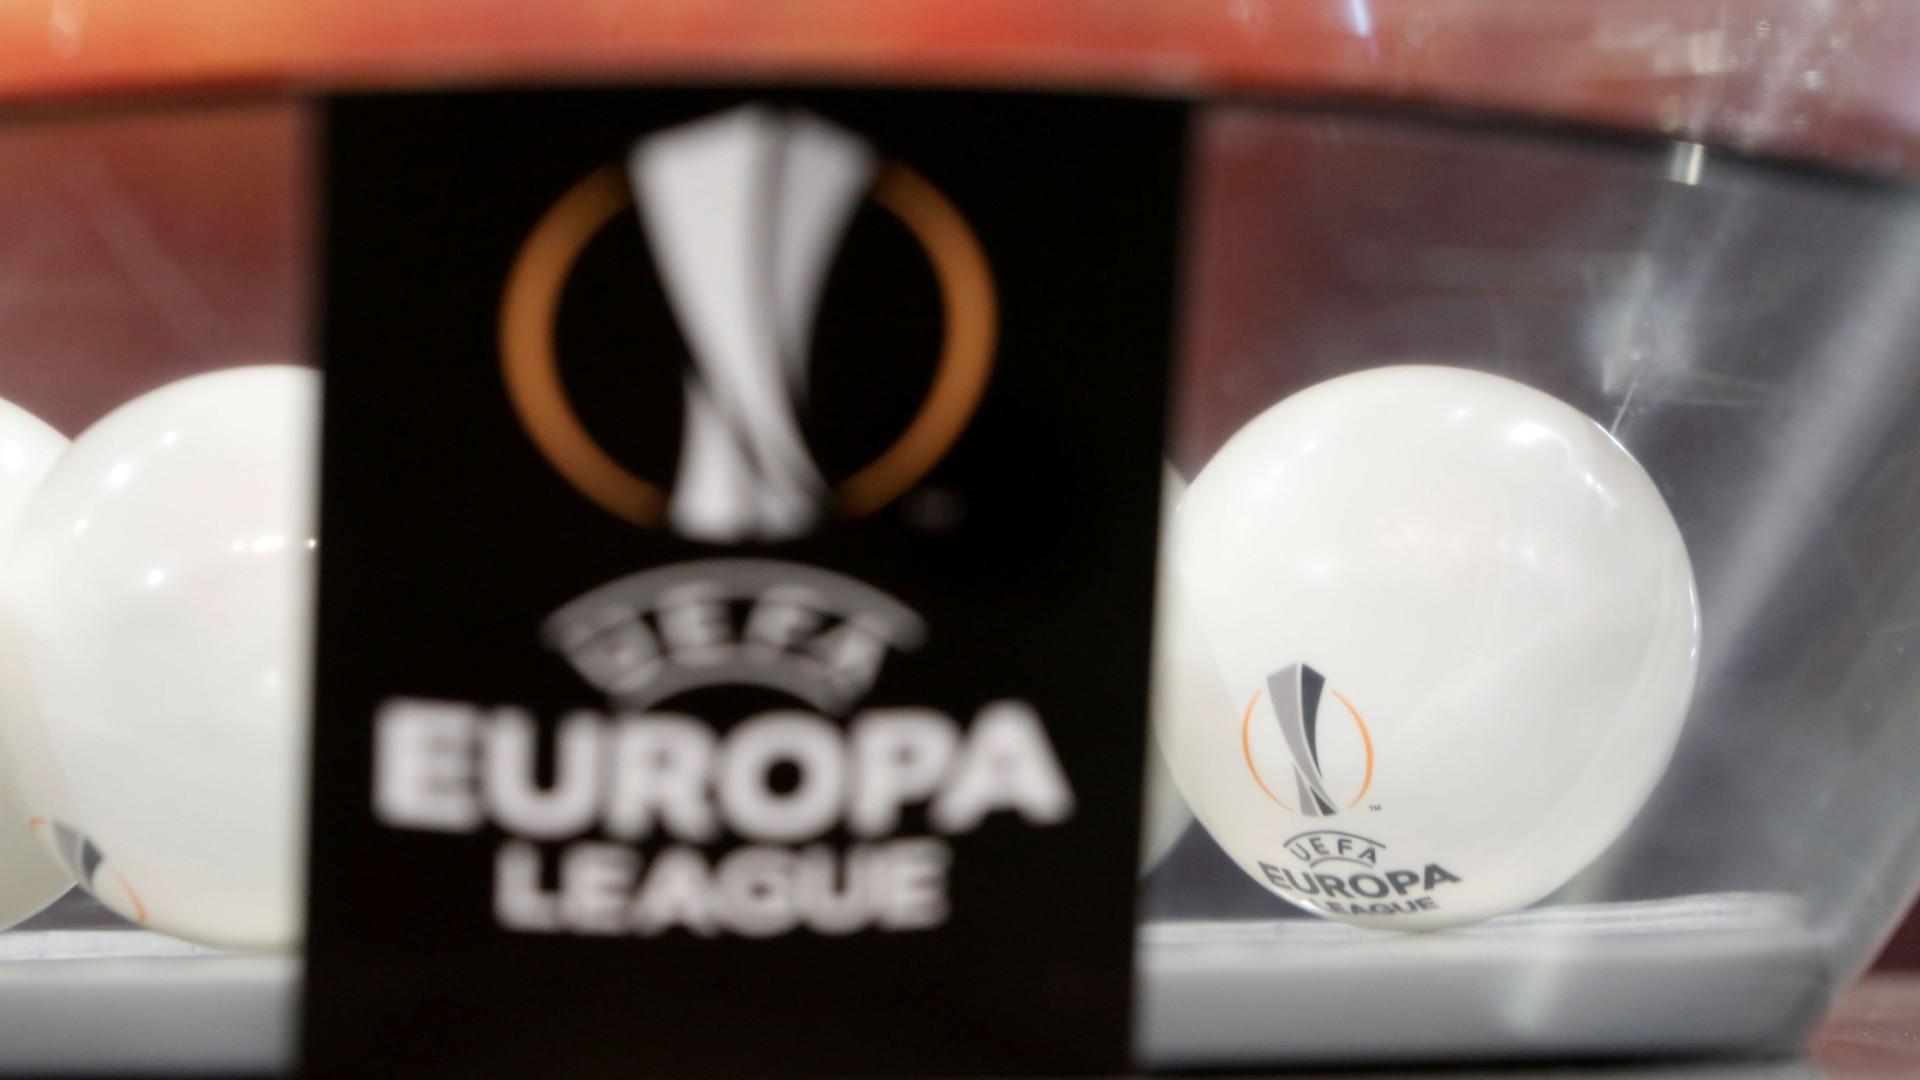 As equipas já apuradas para a próxima fase da Liga Europa